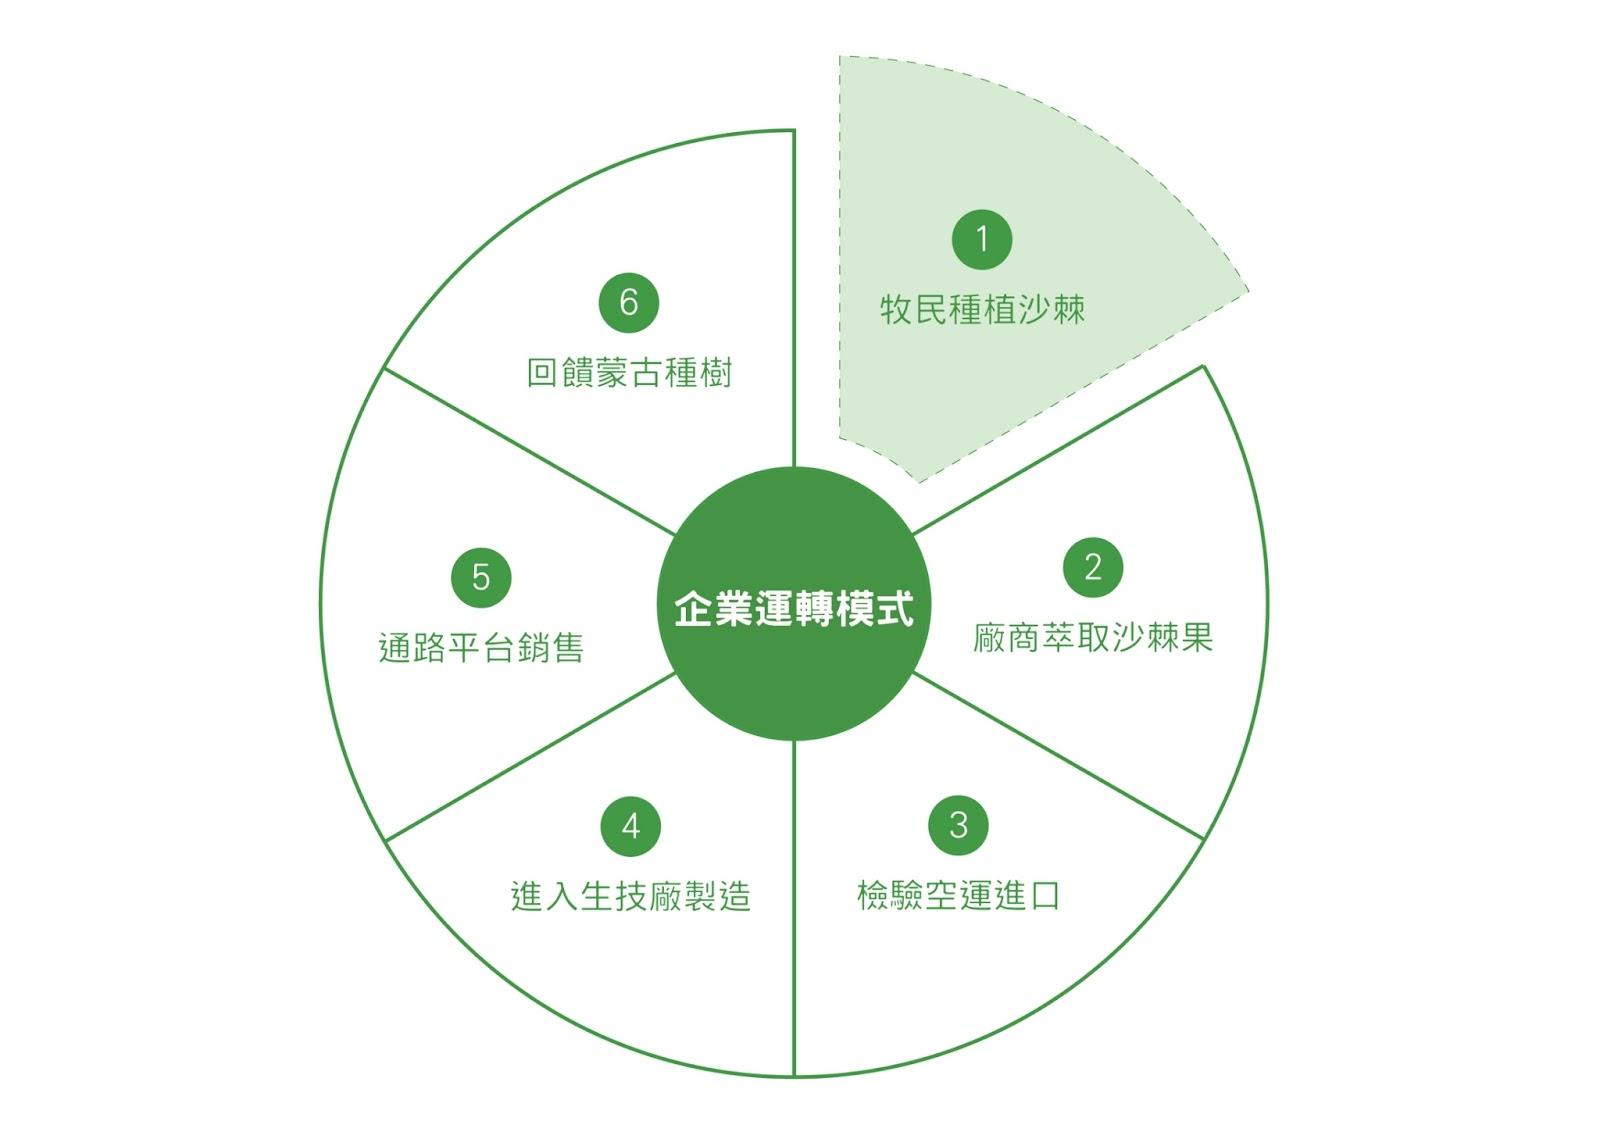 企業運轉模式